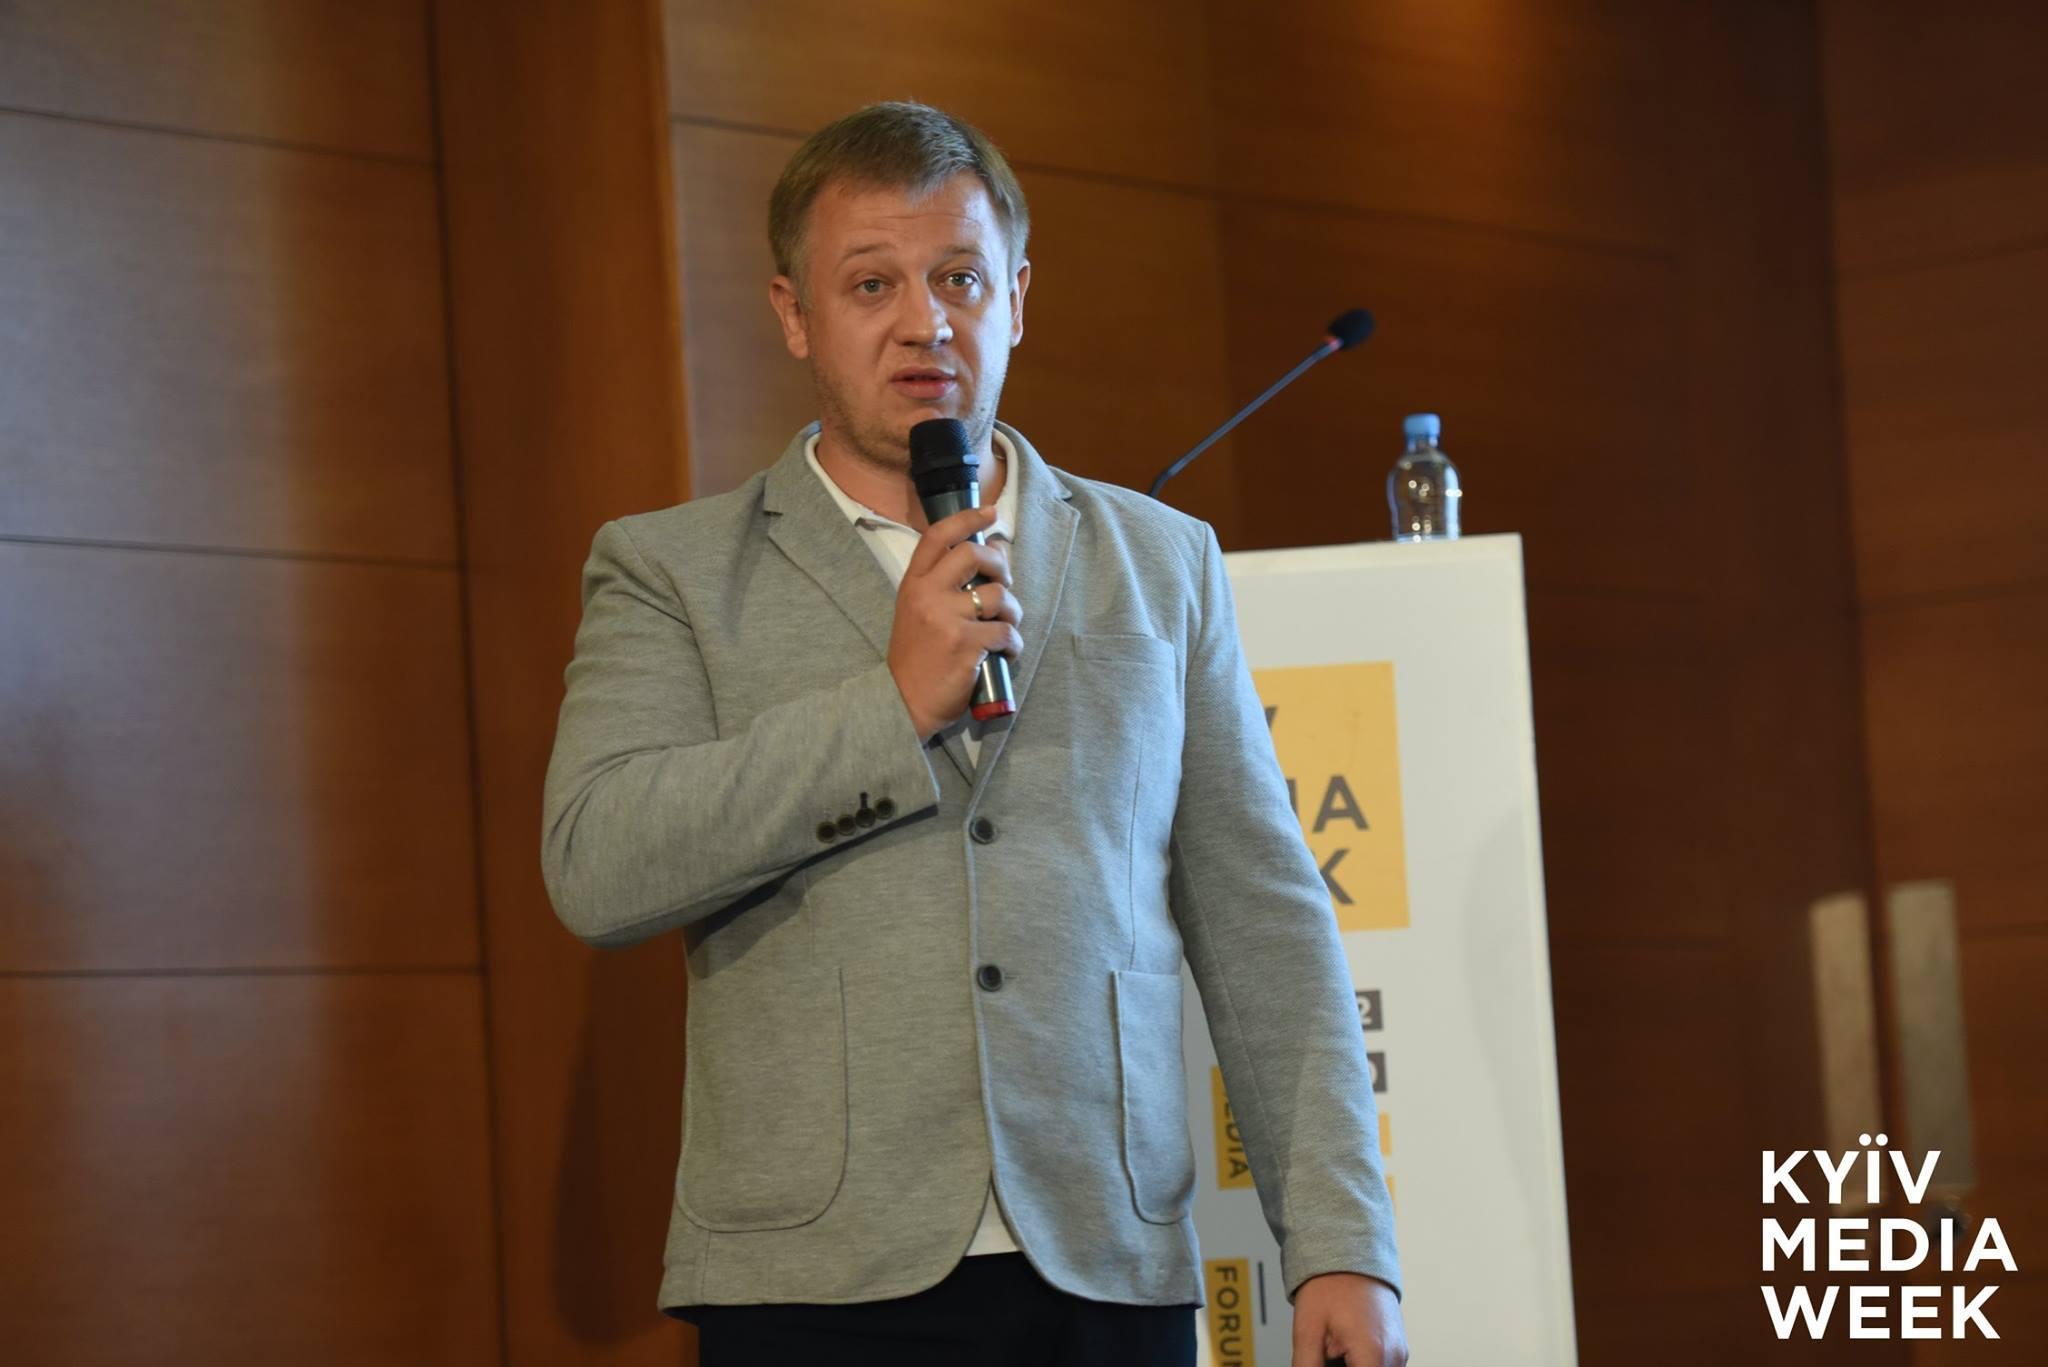 KYIV MEDIA WEEK 2018: итоги второго дня